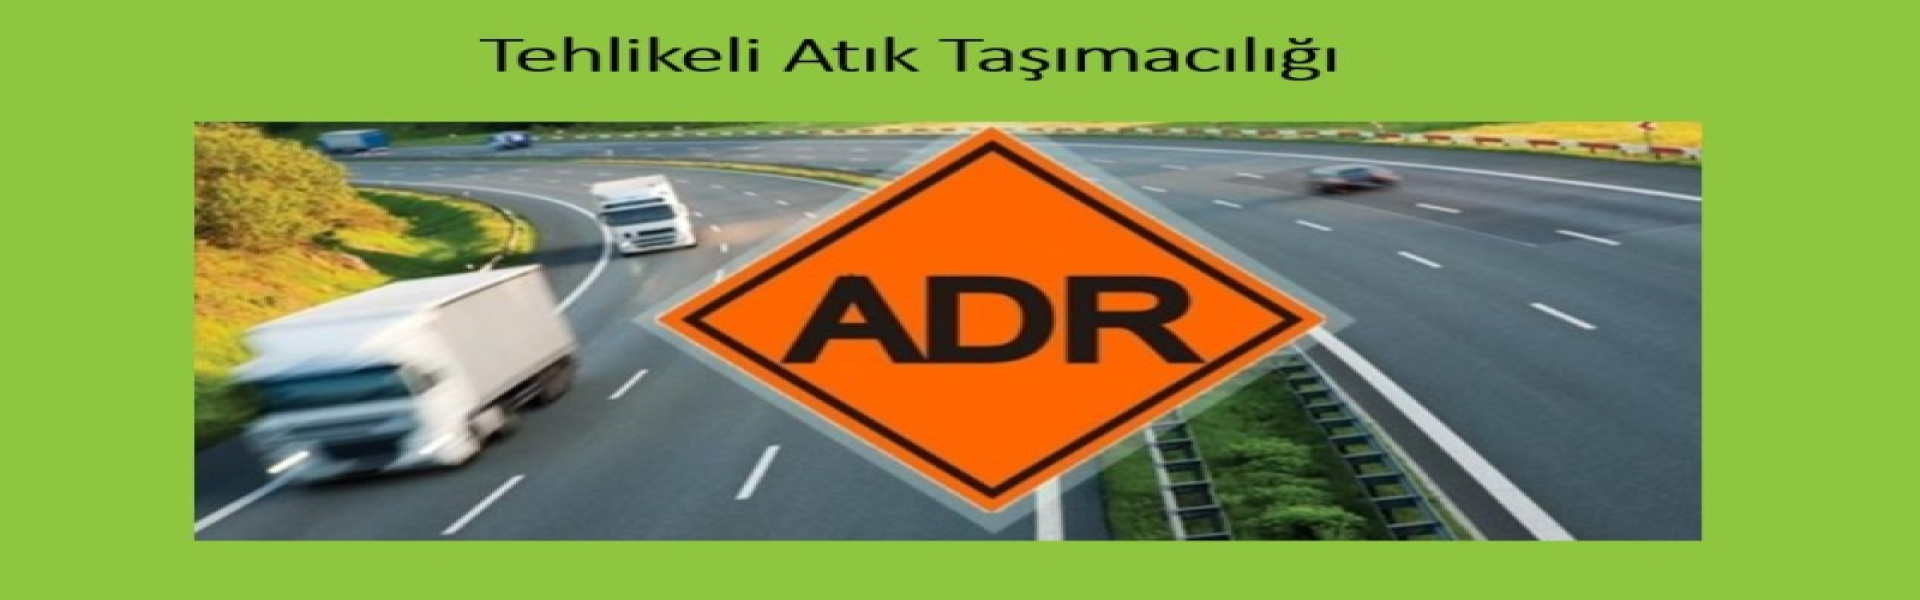 Atık Taşıma Araç/Firma Lisans Alım İşlemleri